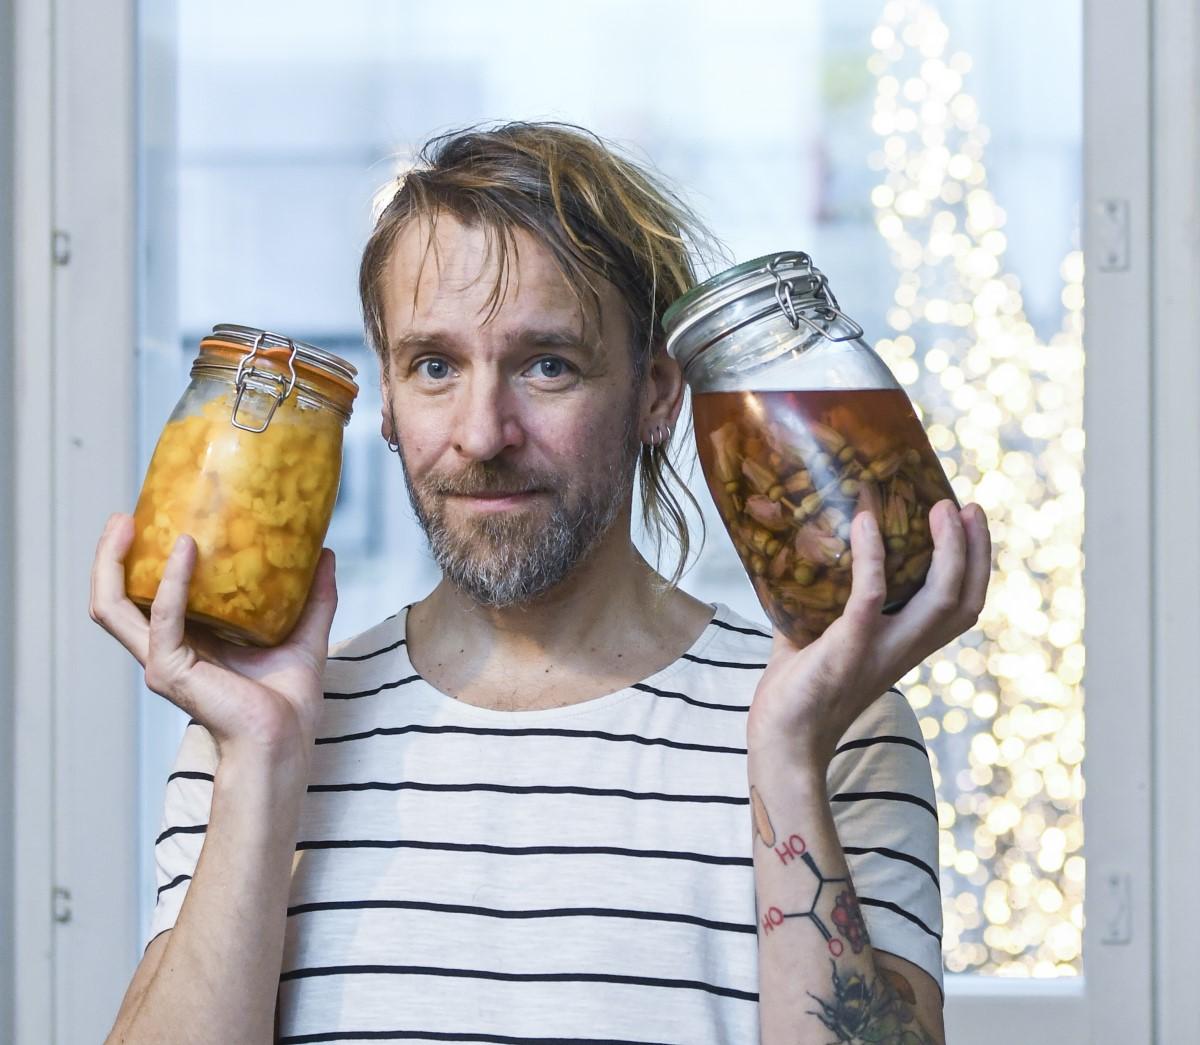 Jyrki Tsutsusta kutsutaan kulttuurikokiksi ja villiyrittikokiksi. Hän itse toteaa olevansa hämmentäjä. Freelancer-kokki tienaa ruokarahat elämyksellisistä projekteista, joissa metsän henki maistuu lautasella.